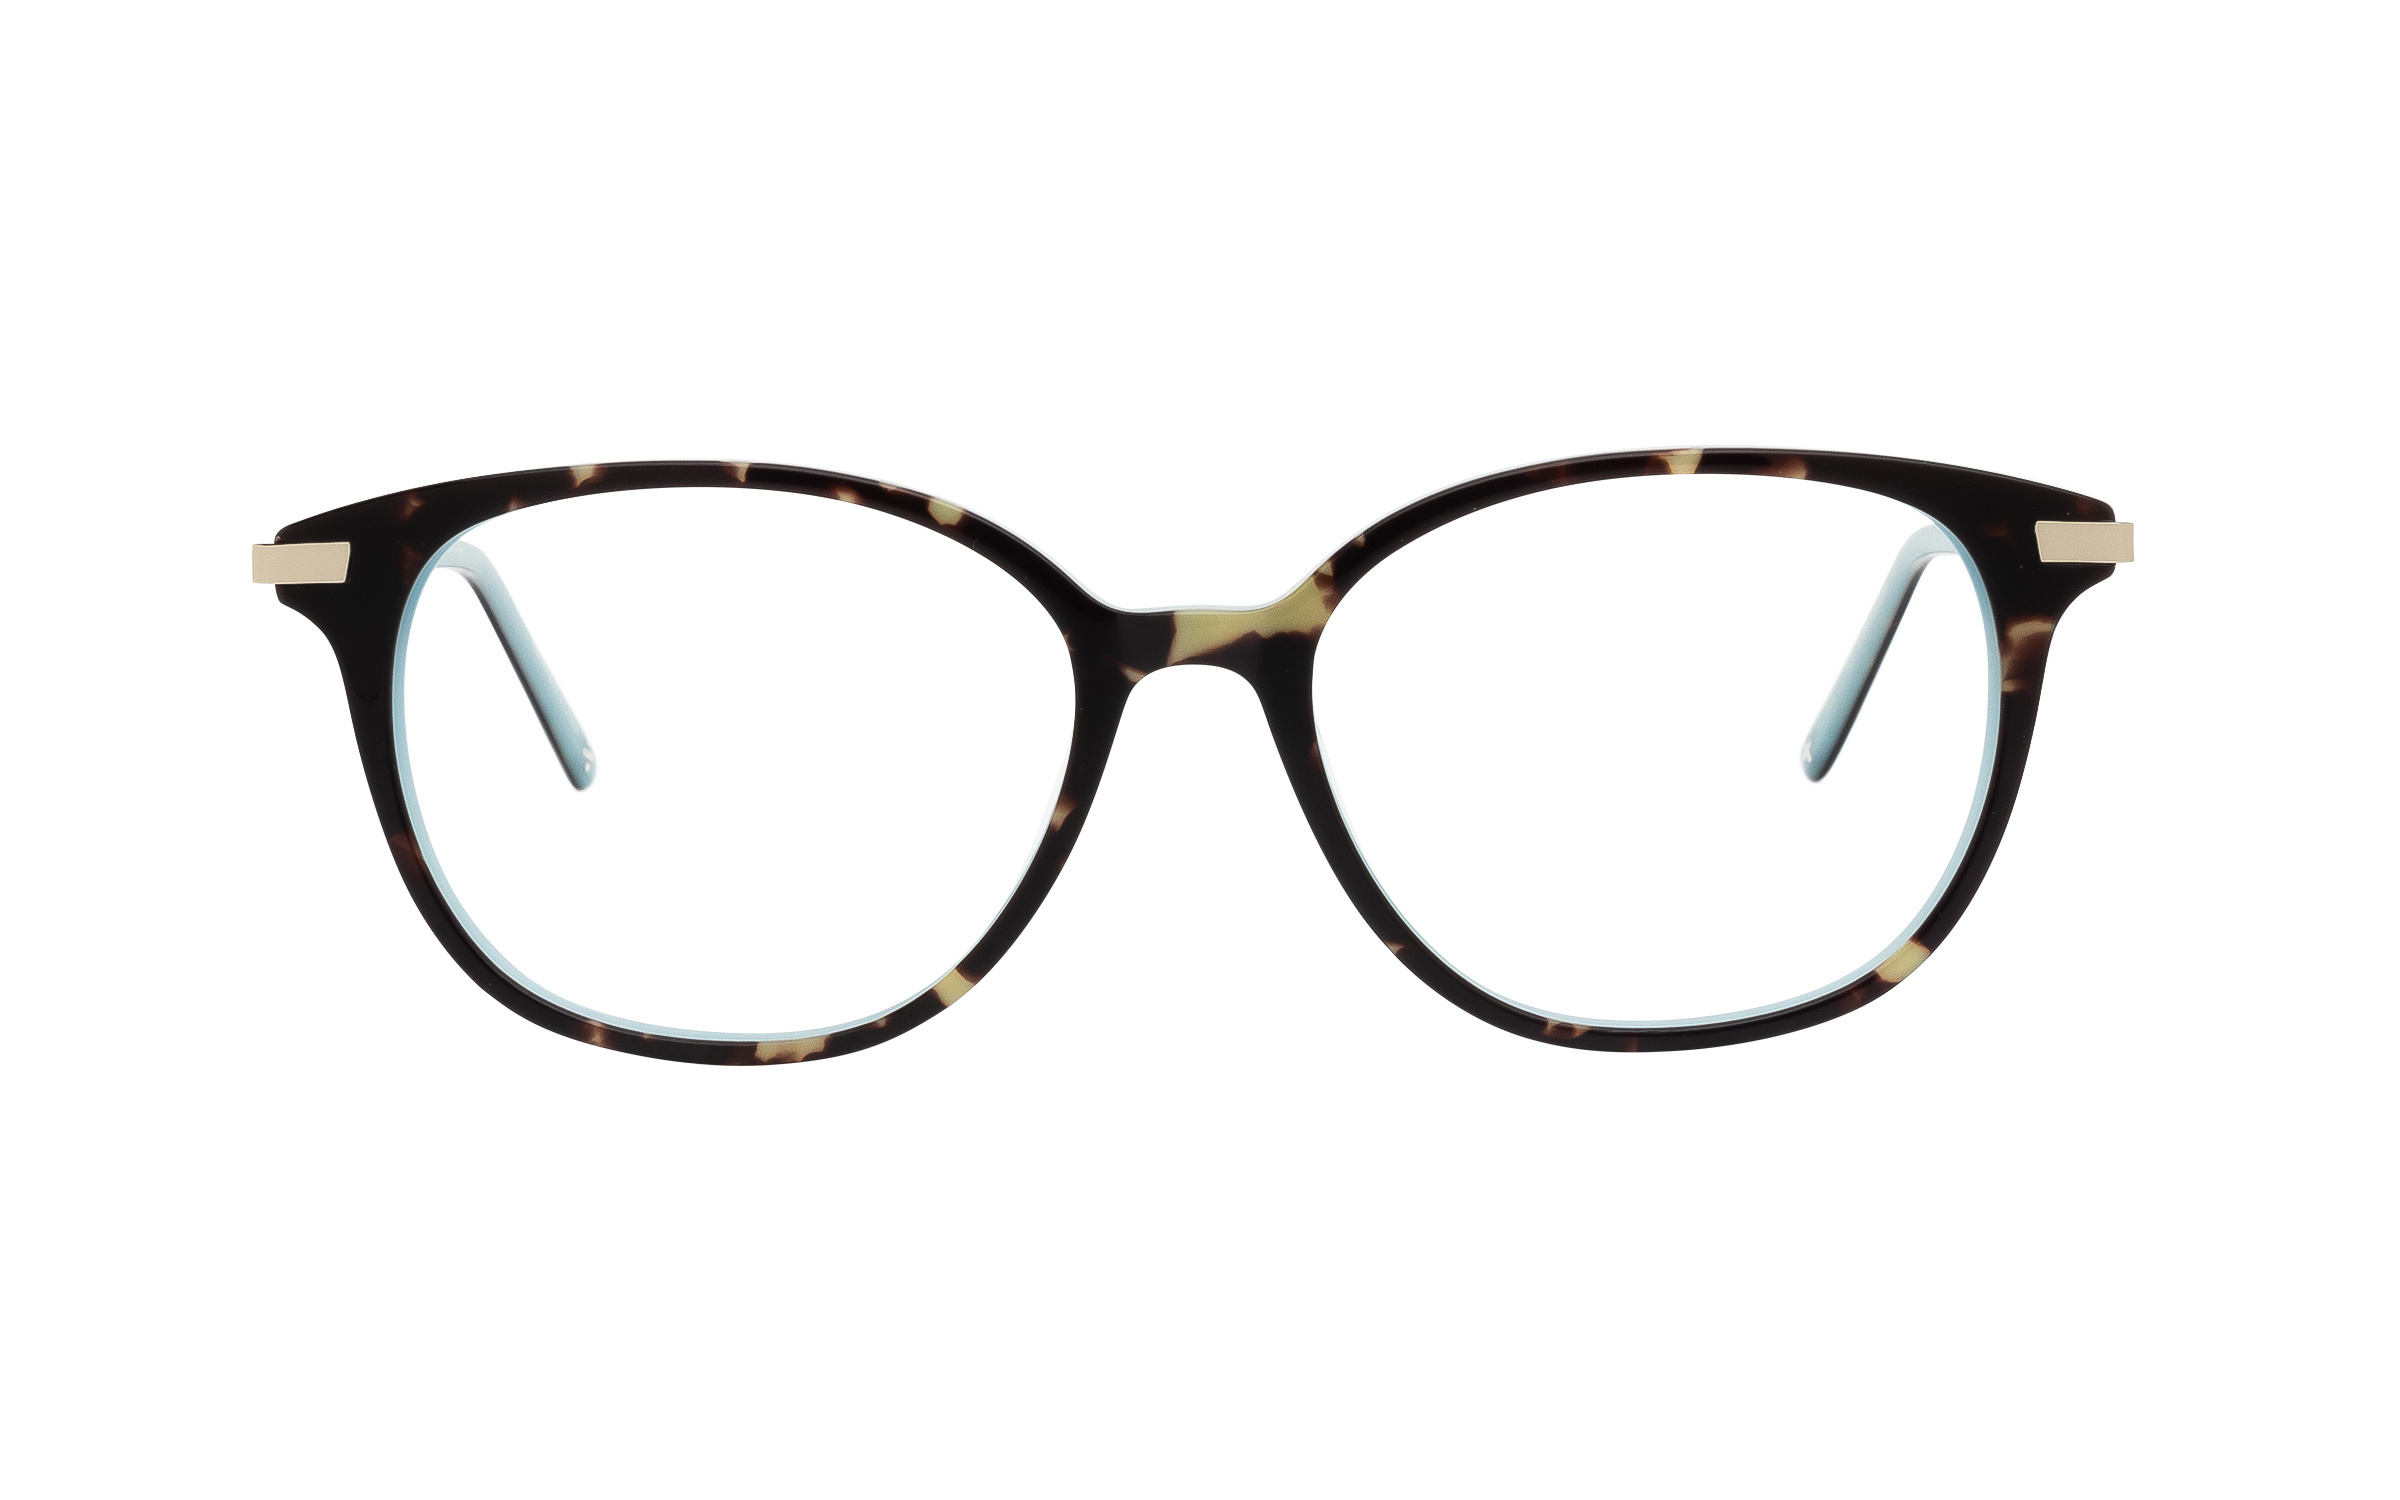 coastal.com - Derek Cardigan Kari (53) Eyeglasses and Frame in Brown/Tortoise | Acetate/Metal – Online Coastal 55.00 USD